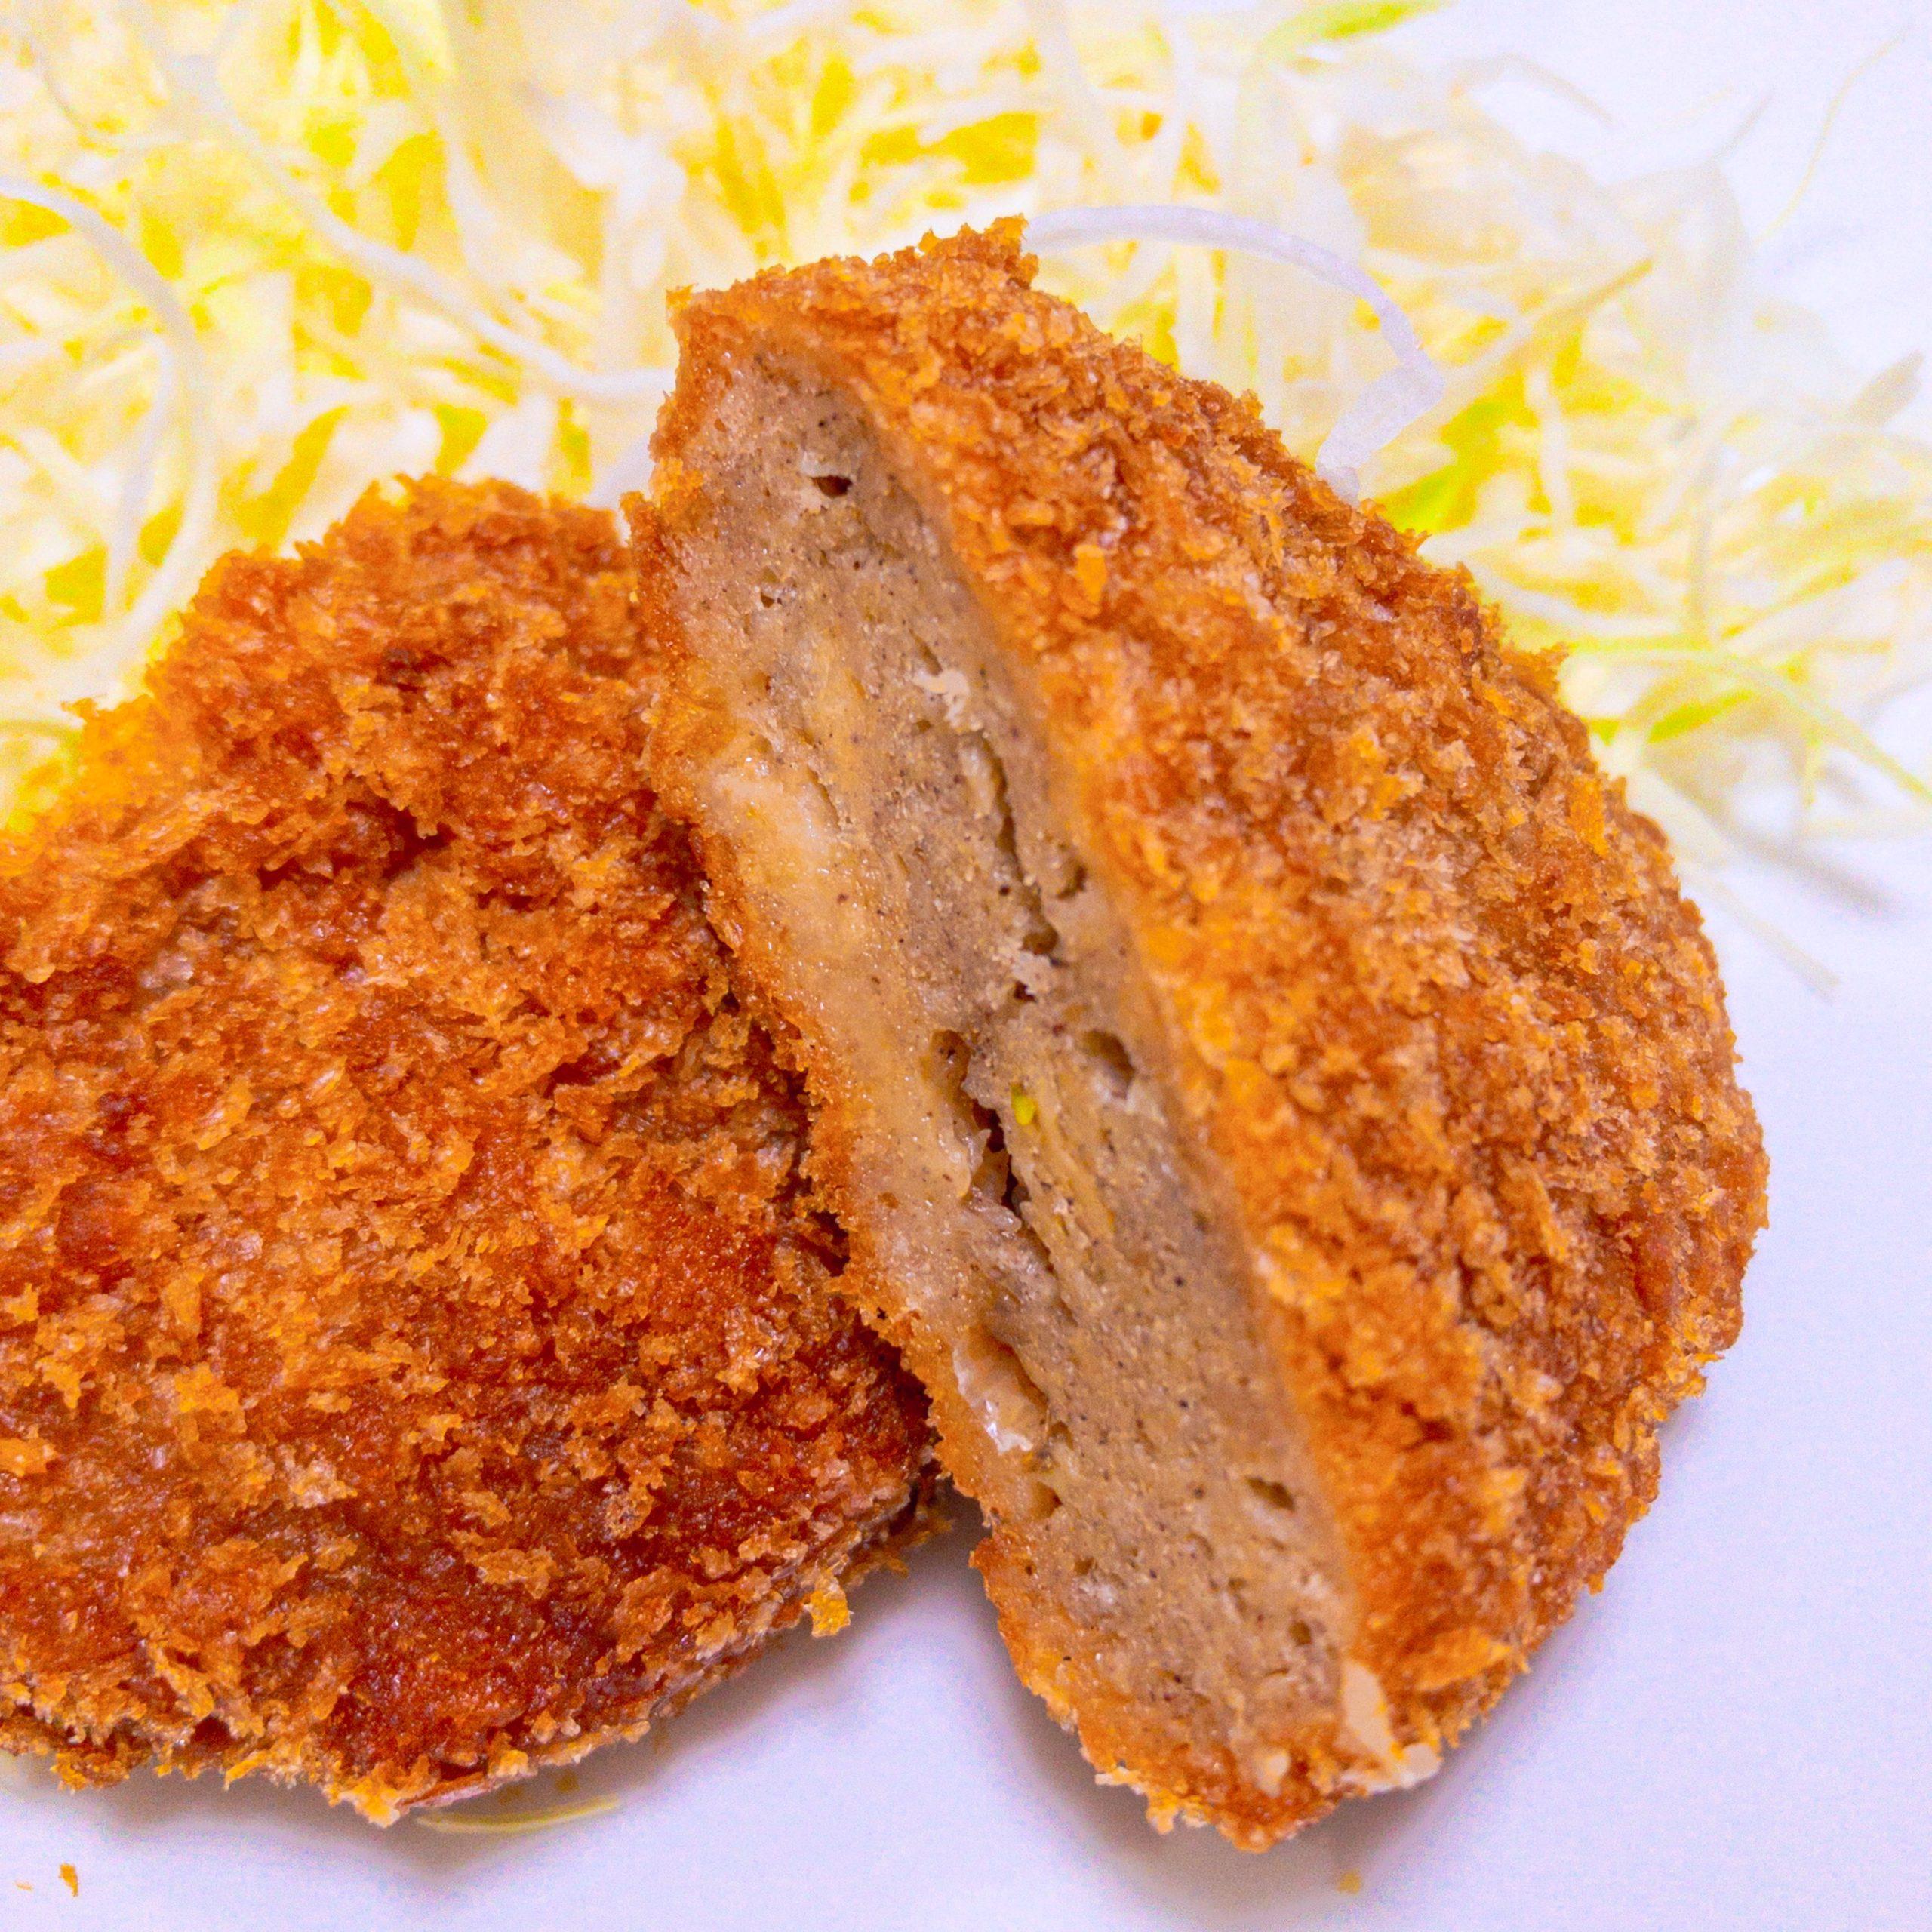 伊藤ハムの、まるでお肉!大豆ミートのメンチカツを切った写真